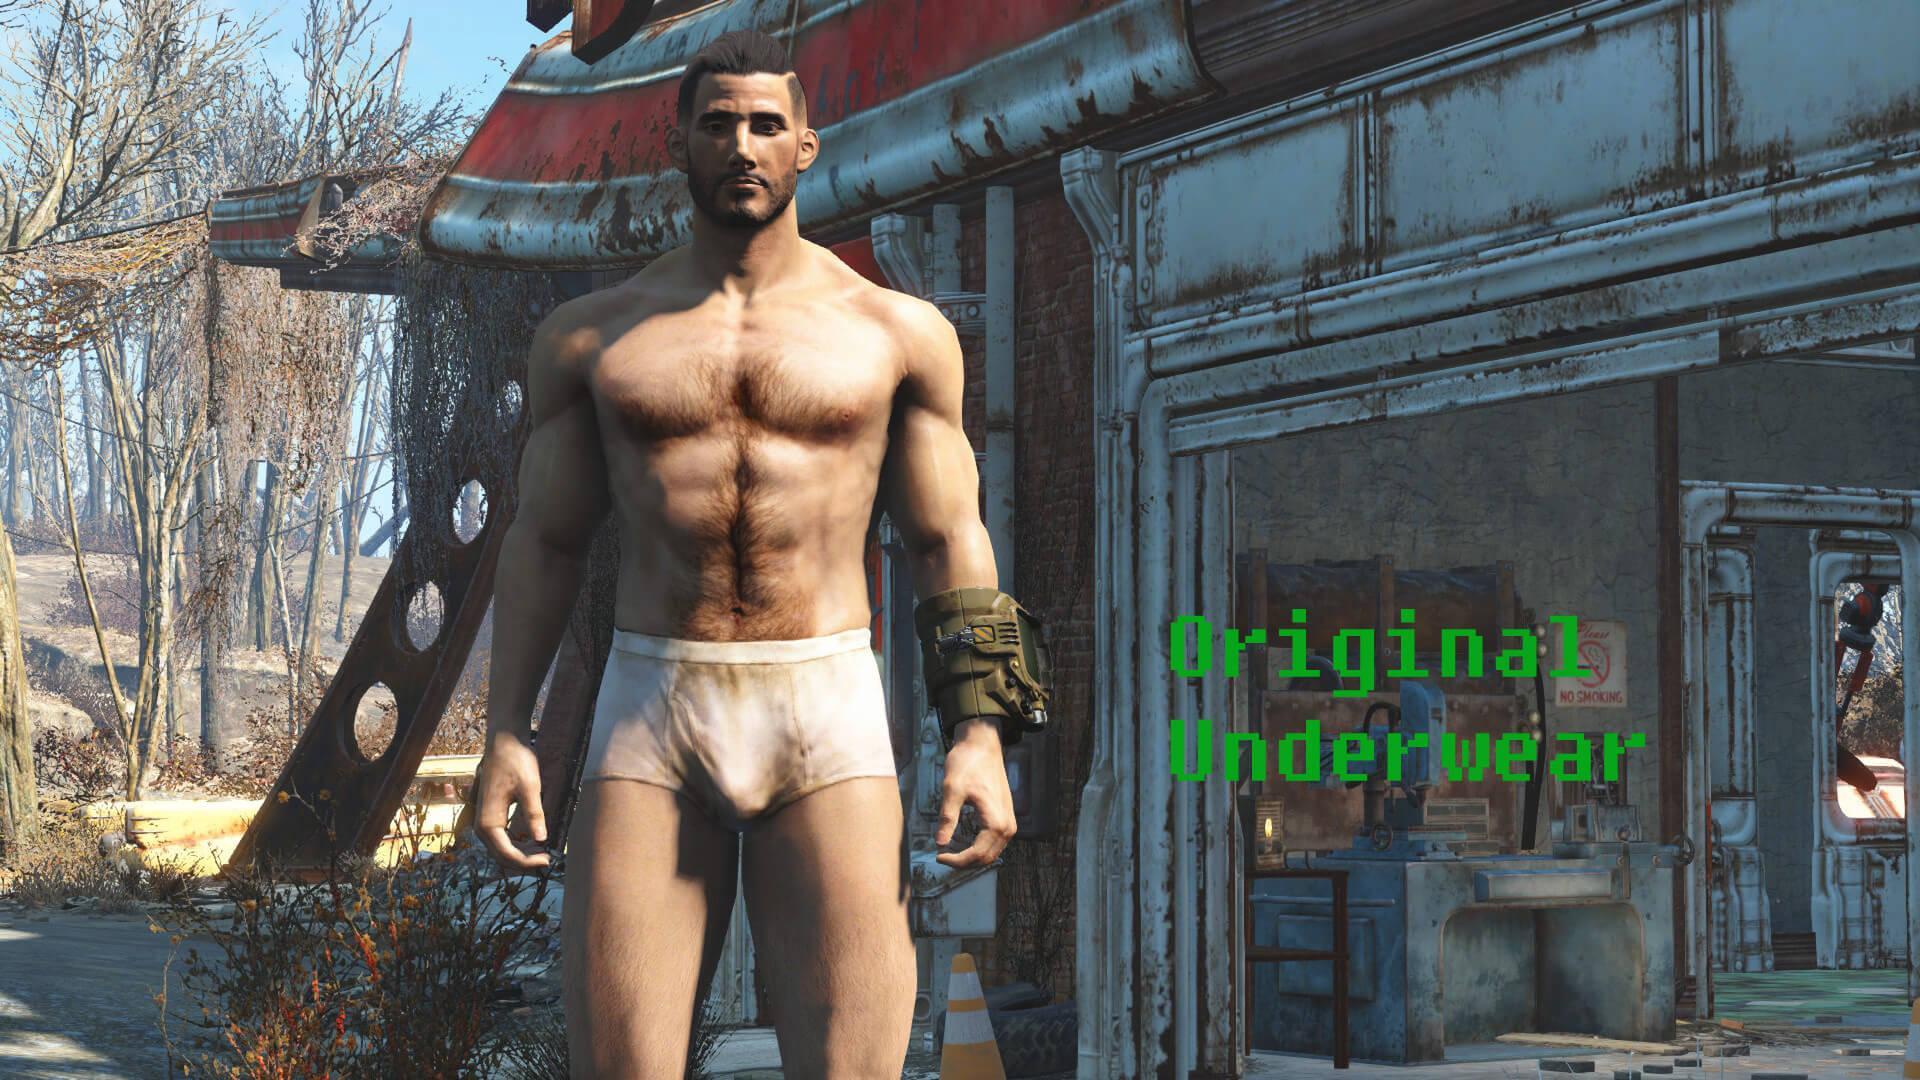 Fallout 4 male nude mod